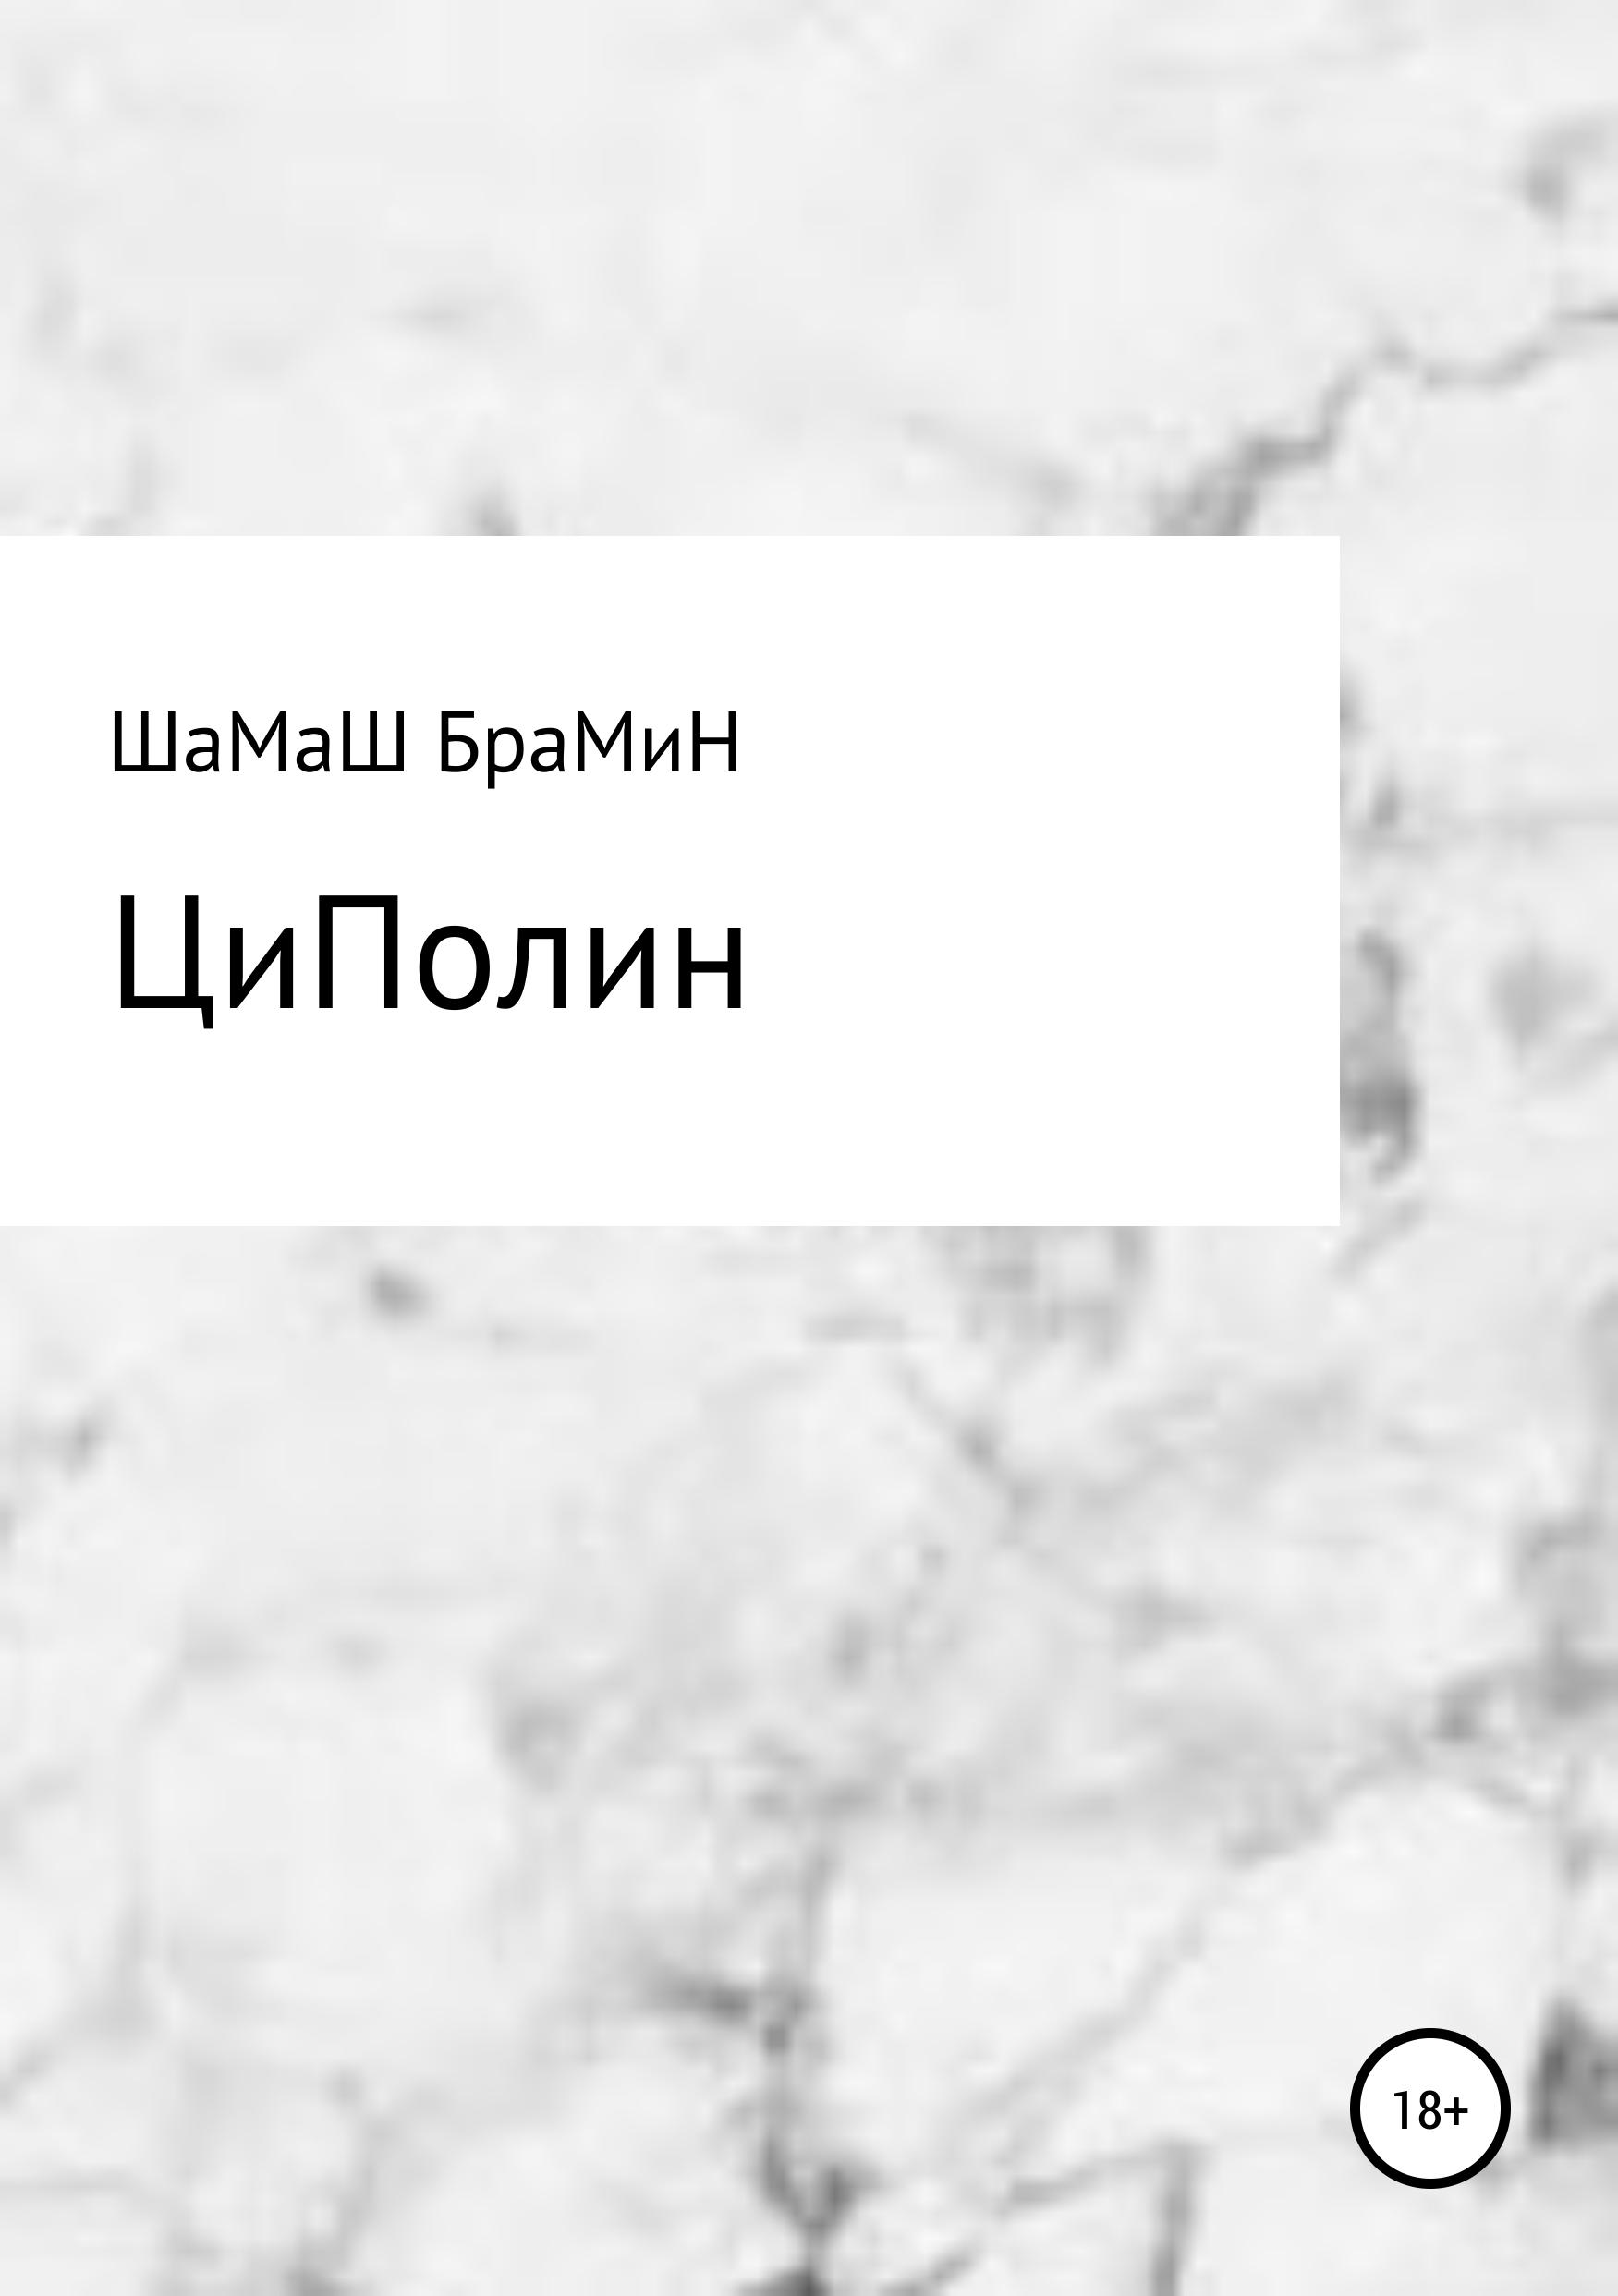 ШаМаШ БраМиН ЦиПолин